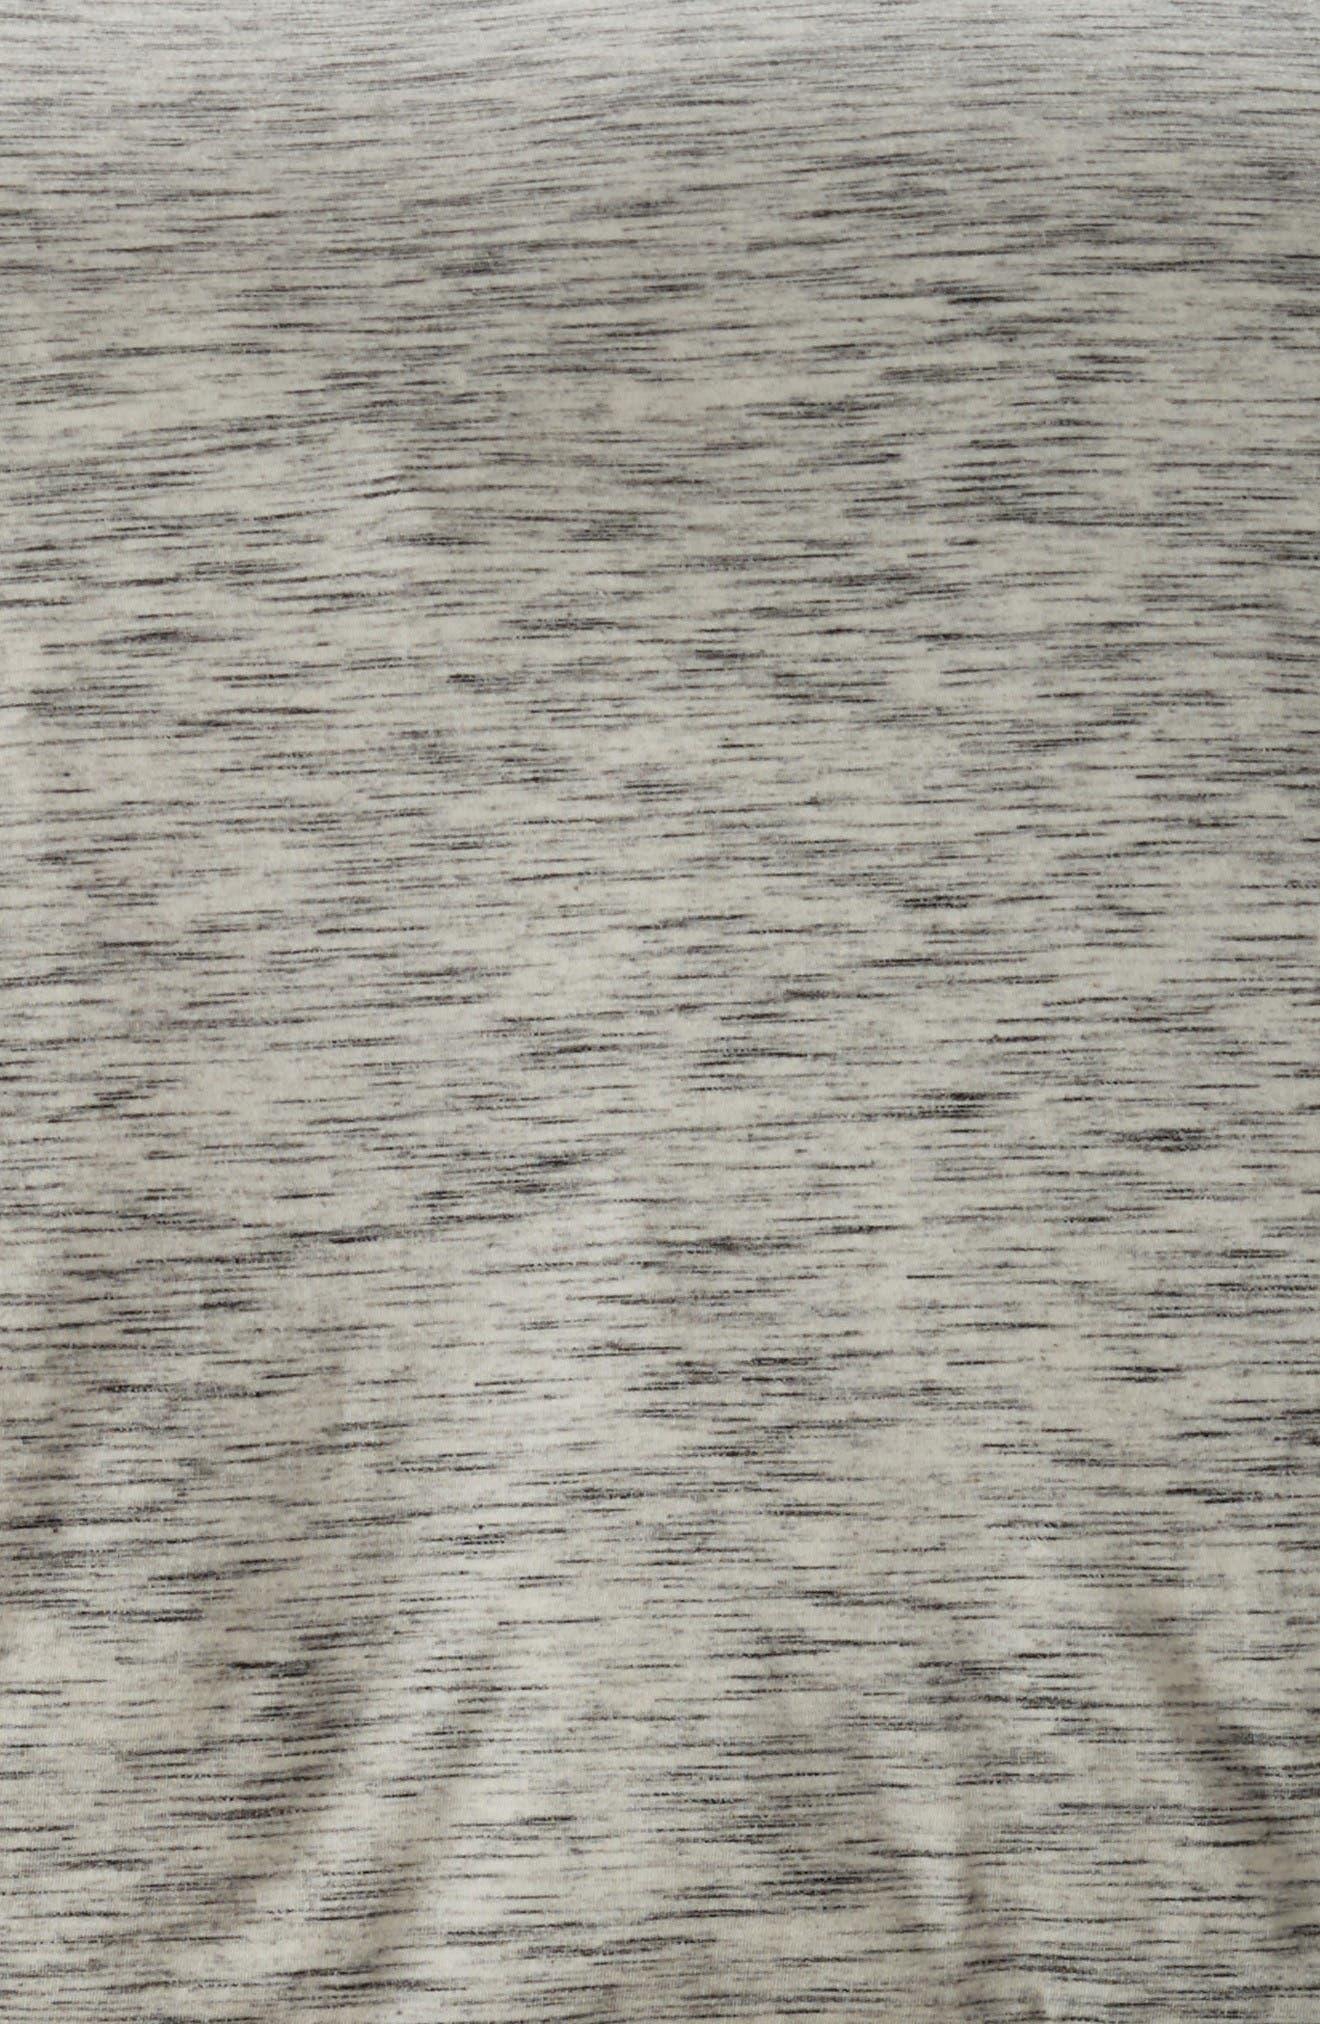 Calvin Klein Strata Duvet Cover,                             Alternate thumbnail 2, color,                             Marble